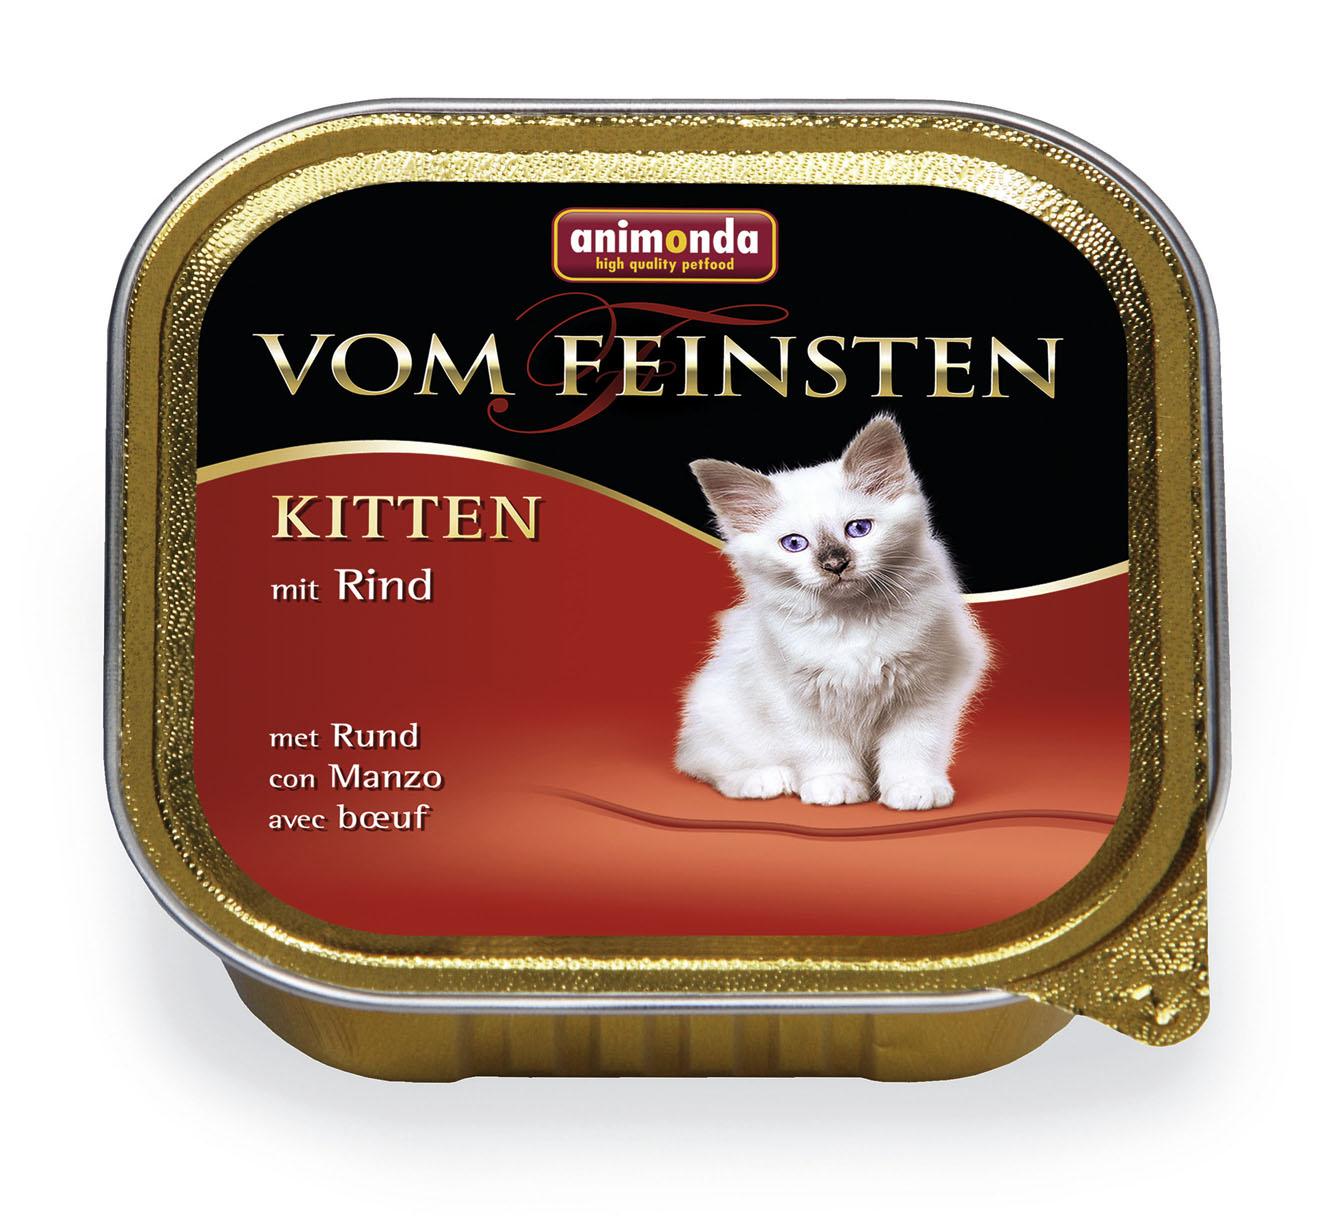 Animonda vom feinsten Kitten  100gr